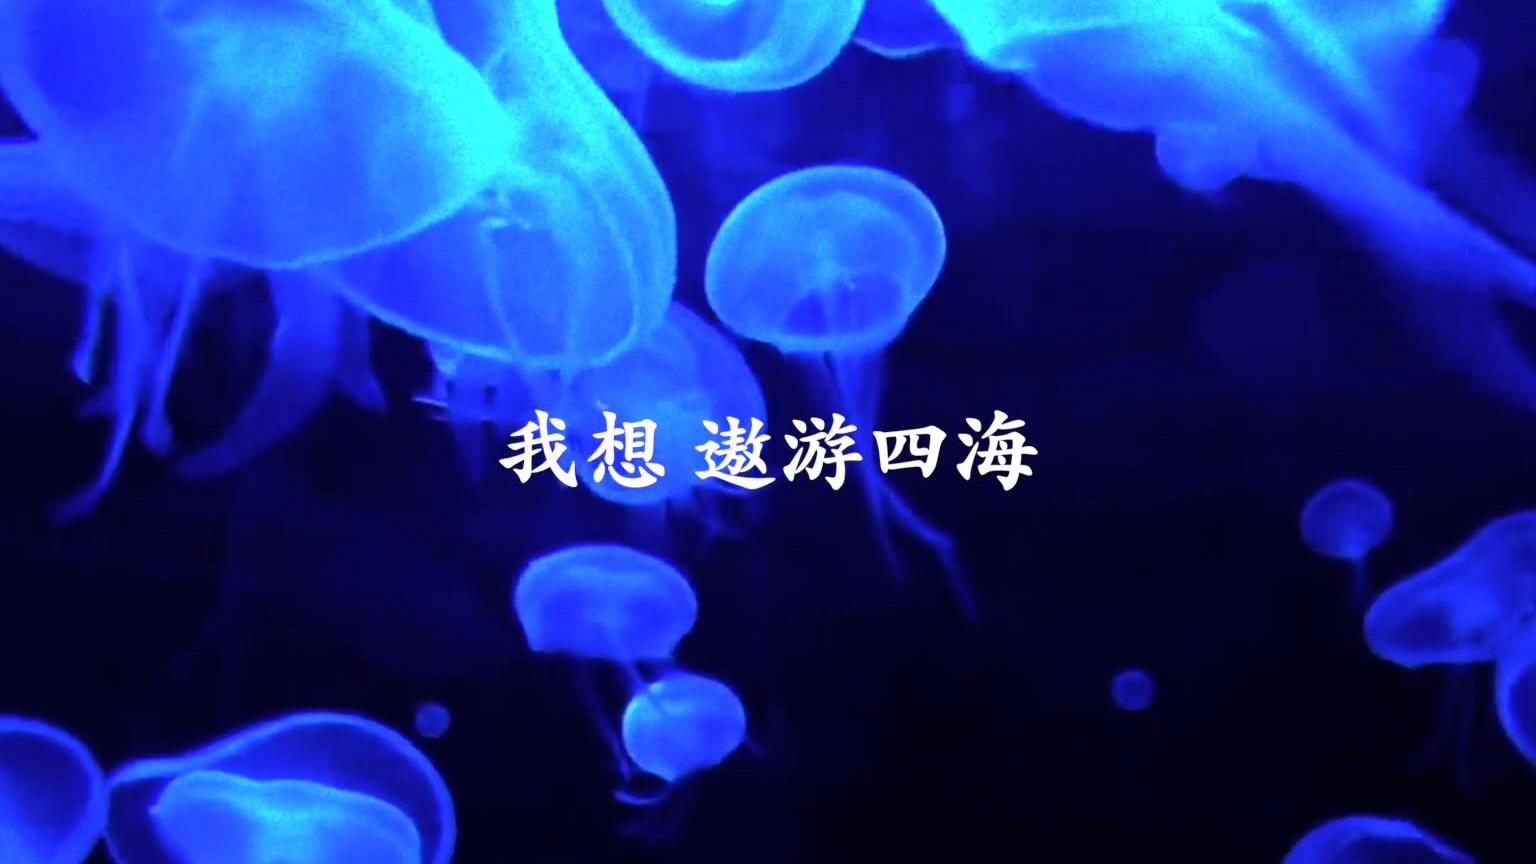 [自制MV] 法老-我想 part1